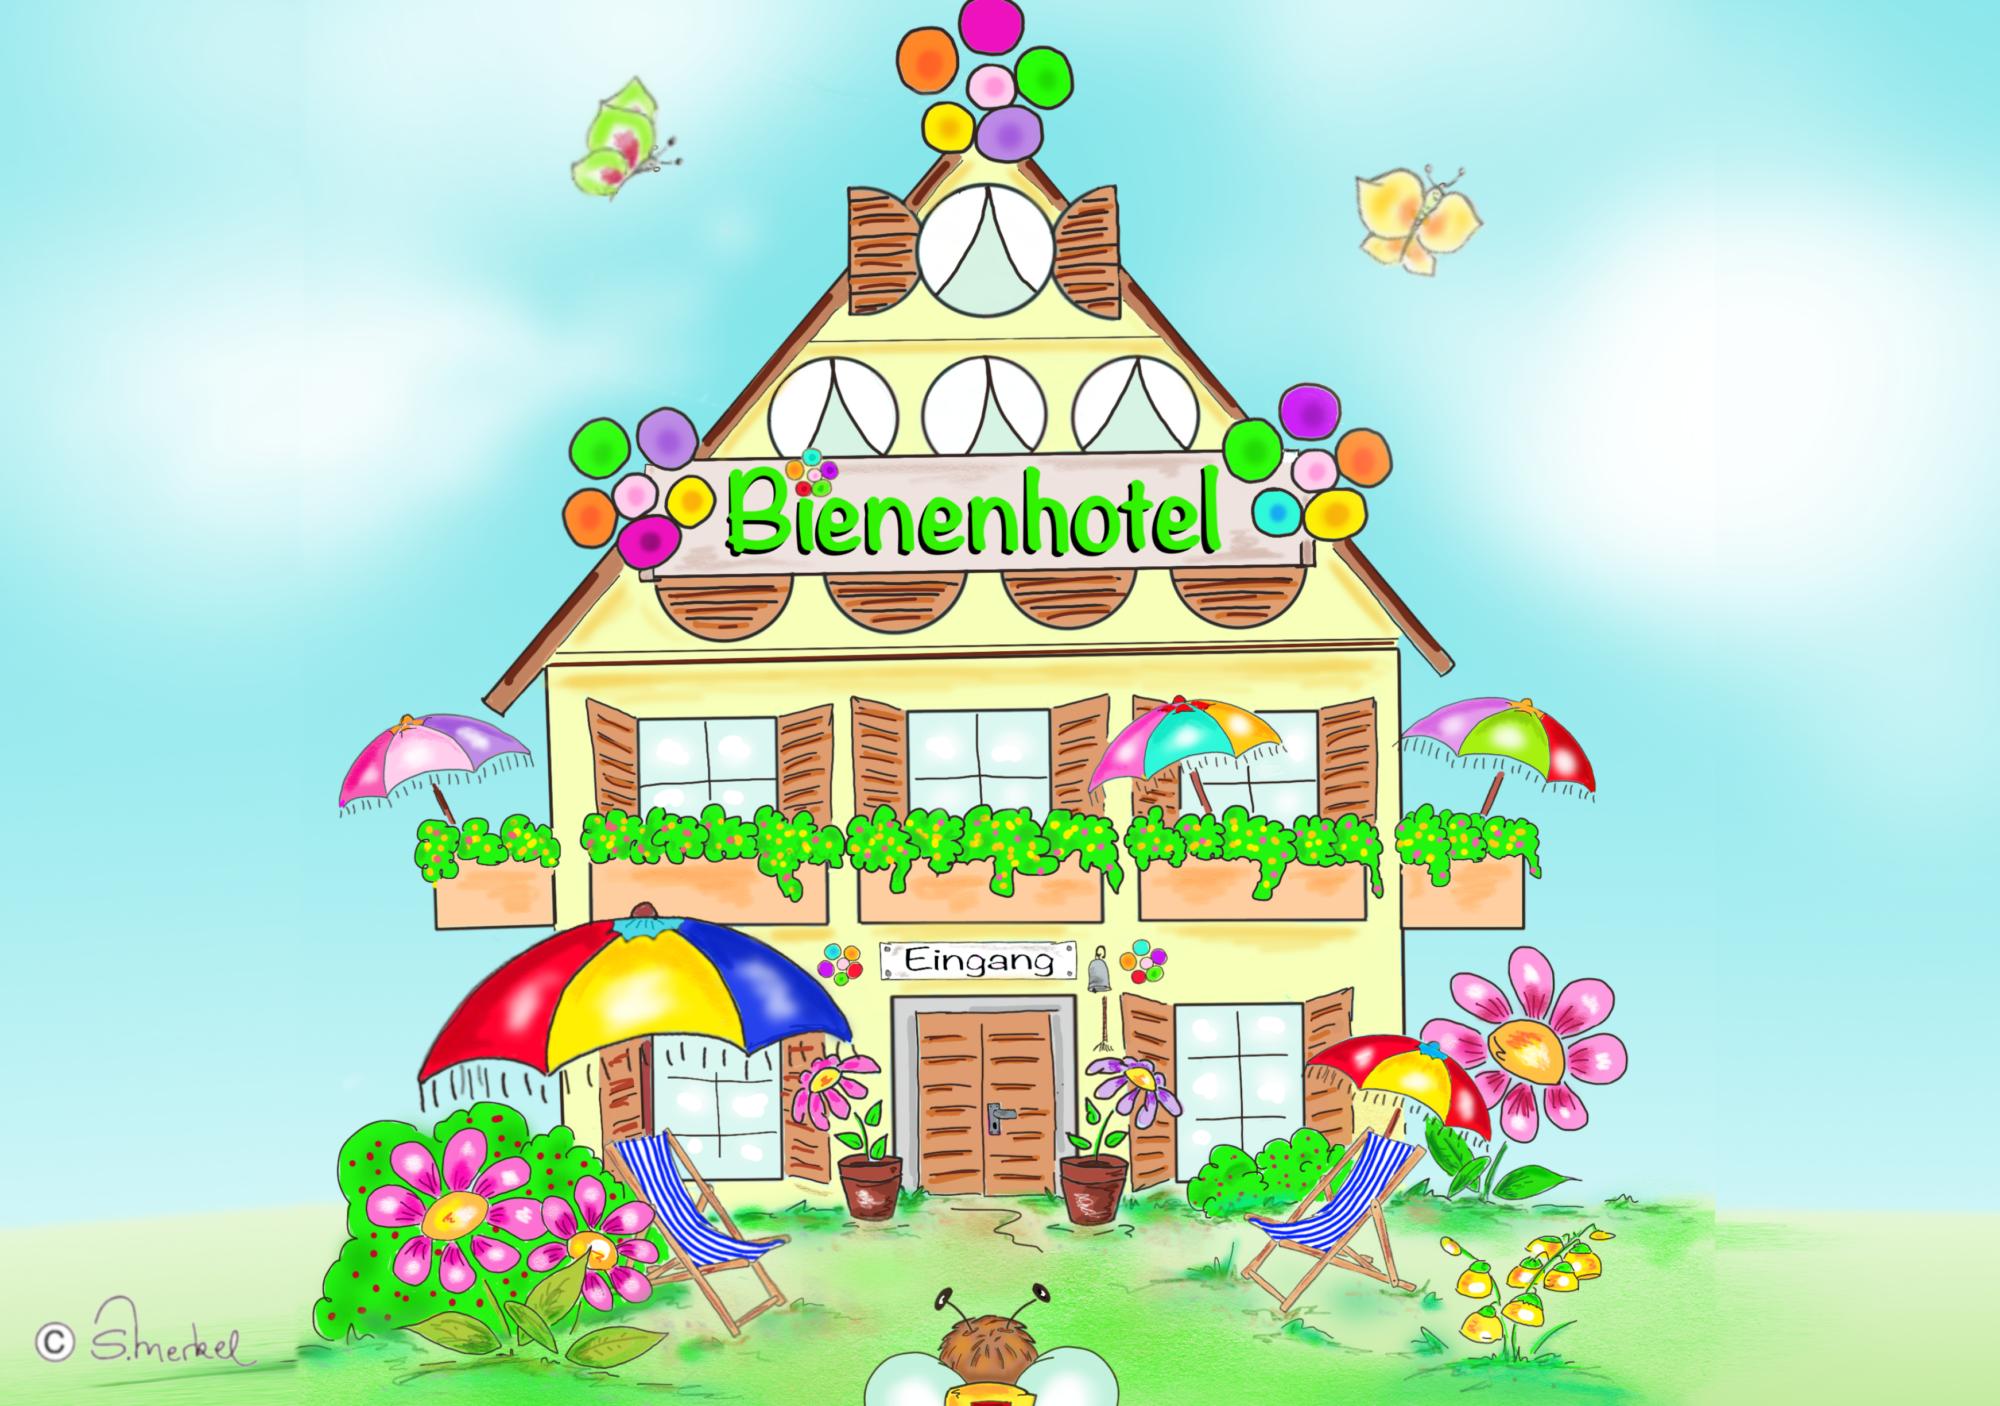 Bienenhotel Ausmalbild farb